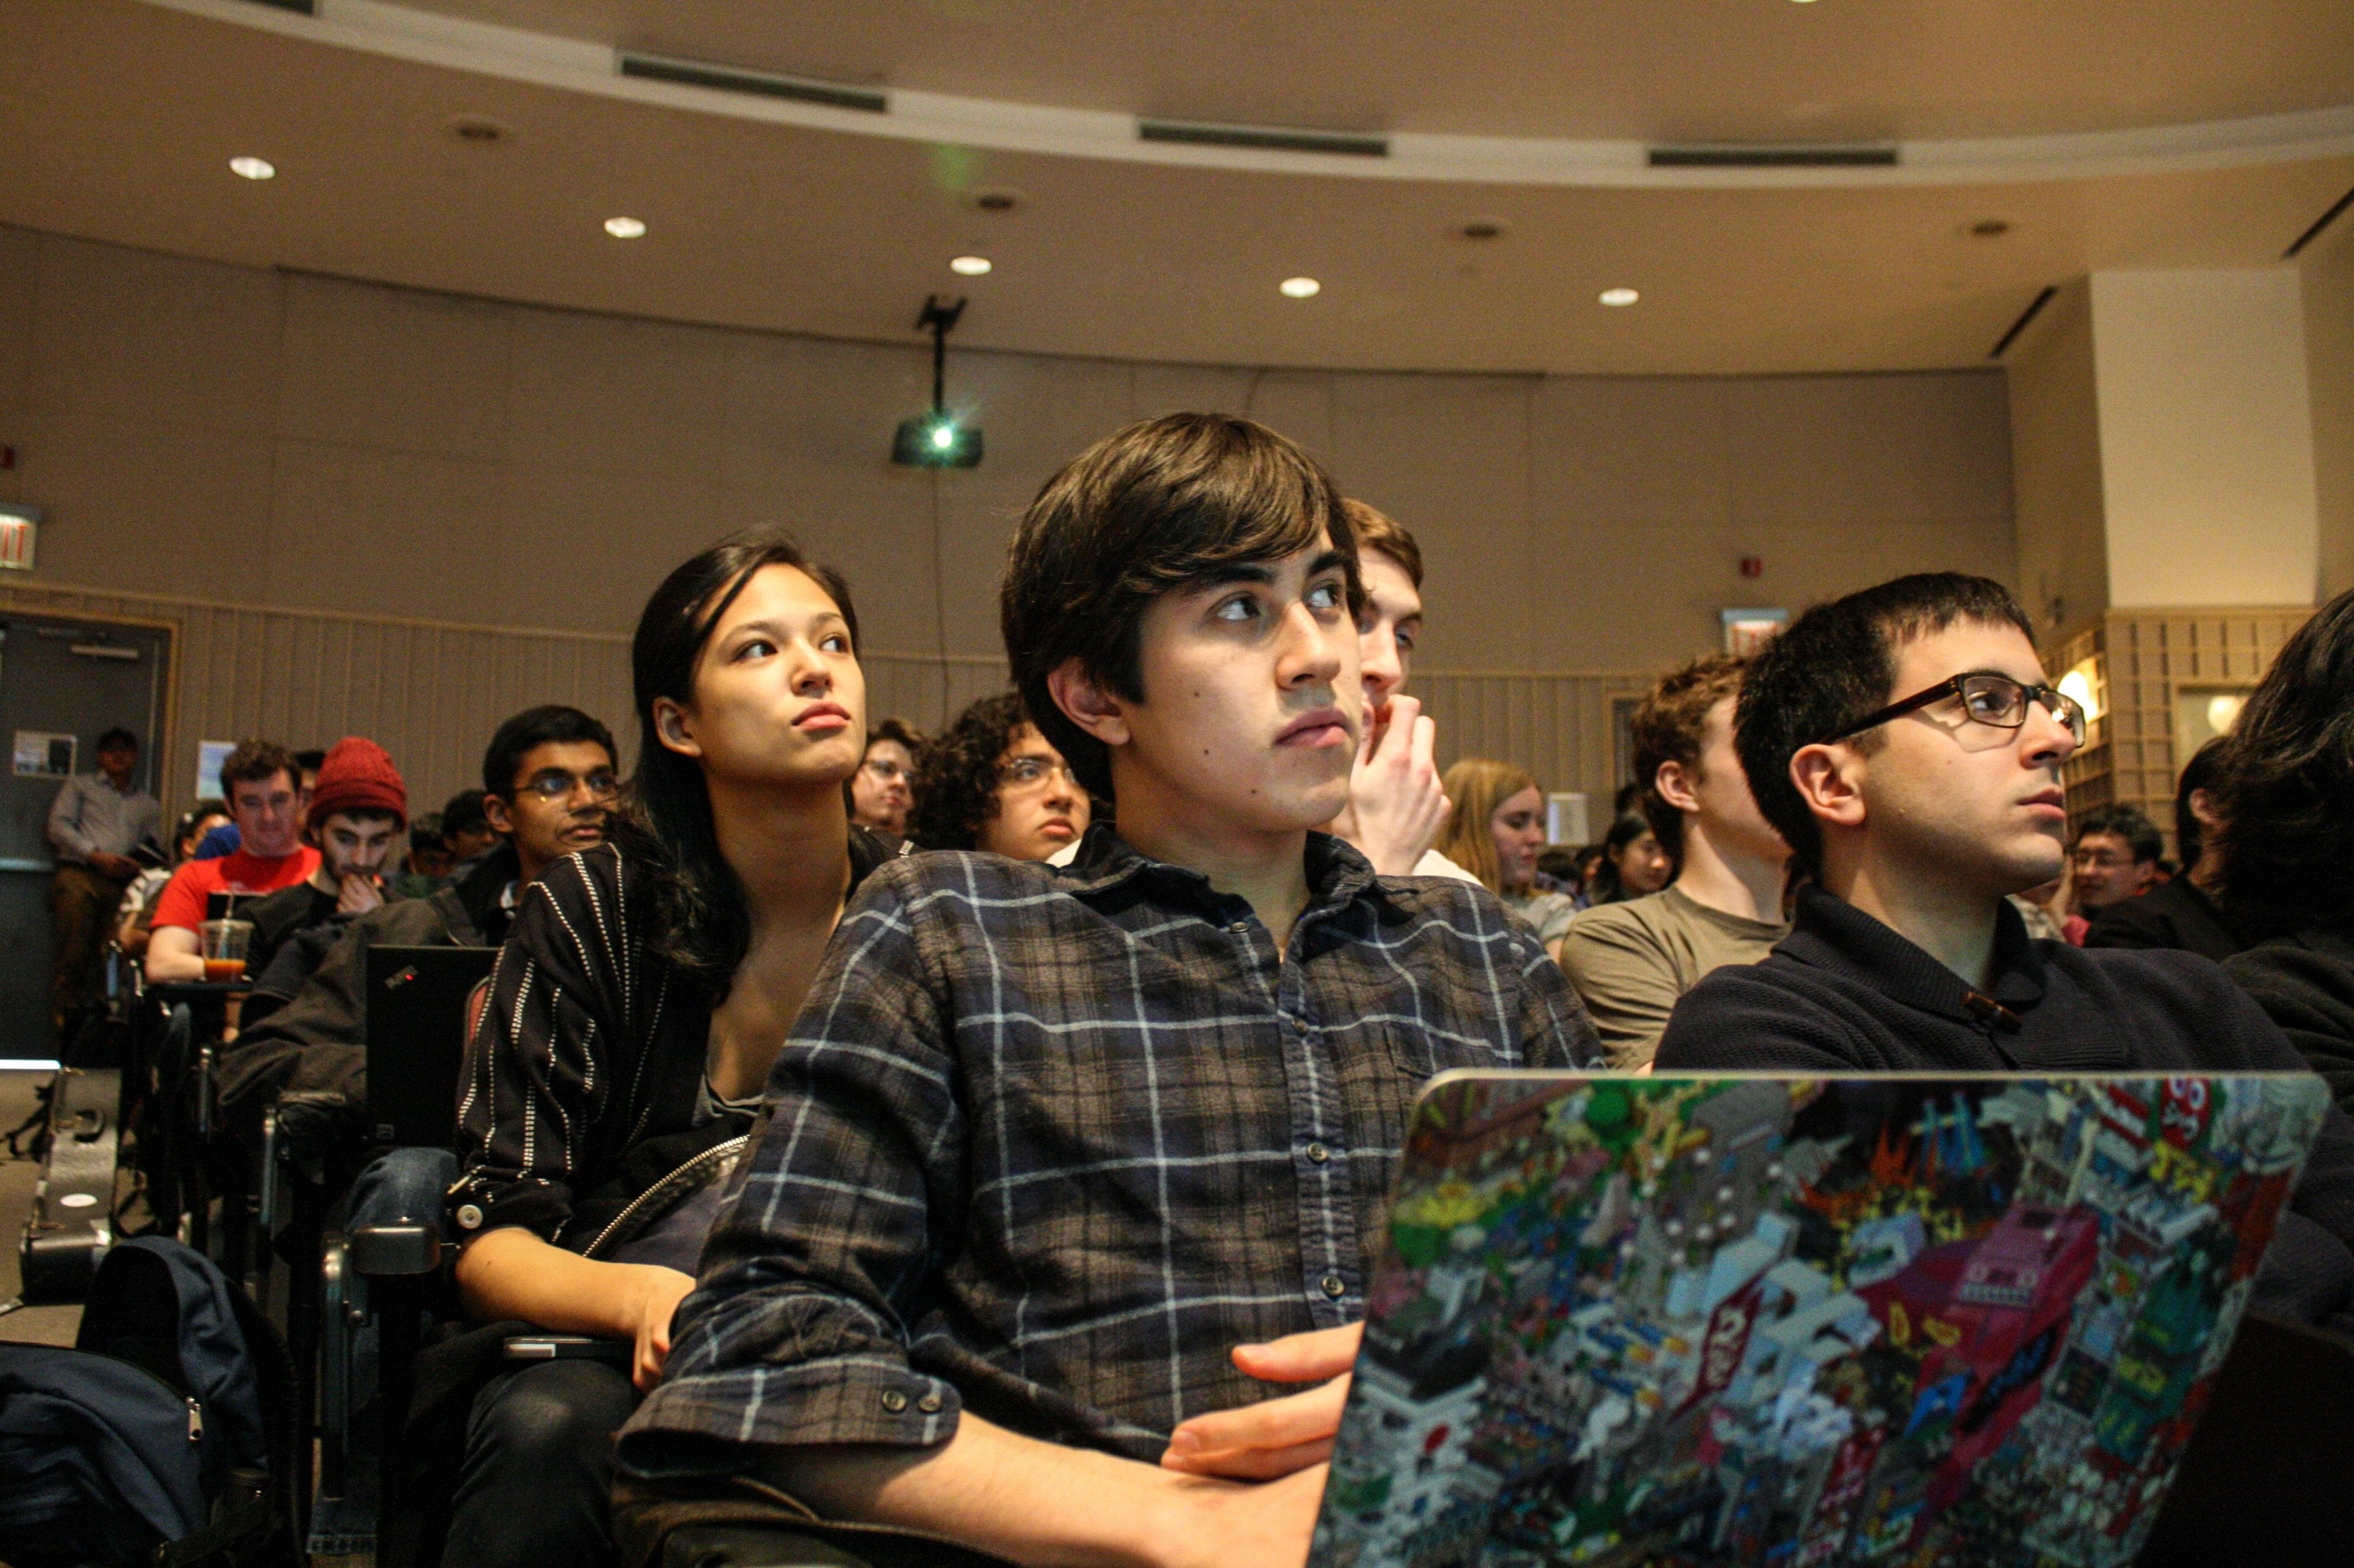 მათემატიკოსი სტუდენტები, რომლებსაც 8 საათი ეძინათ, ამოცანებს 3–ჯერ უფრო სწრაფად ხსნიან, ვიდრე გამოუძინებელი სტუდენტები